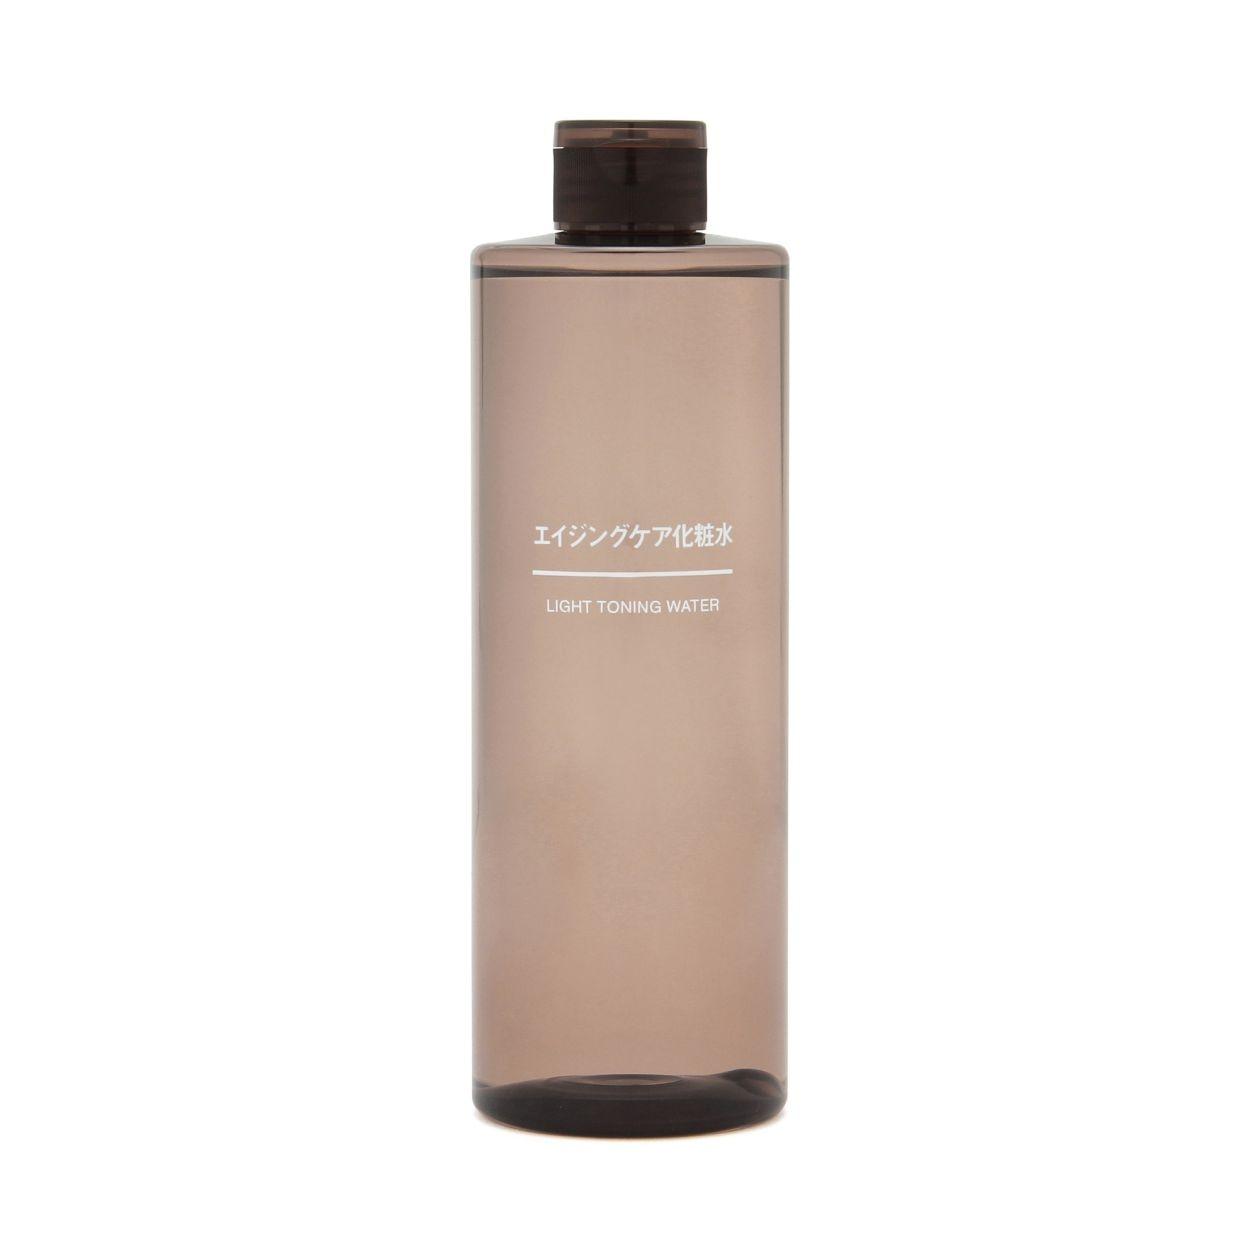 エイジングケア化粧水(大容量)